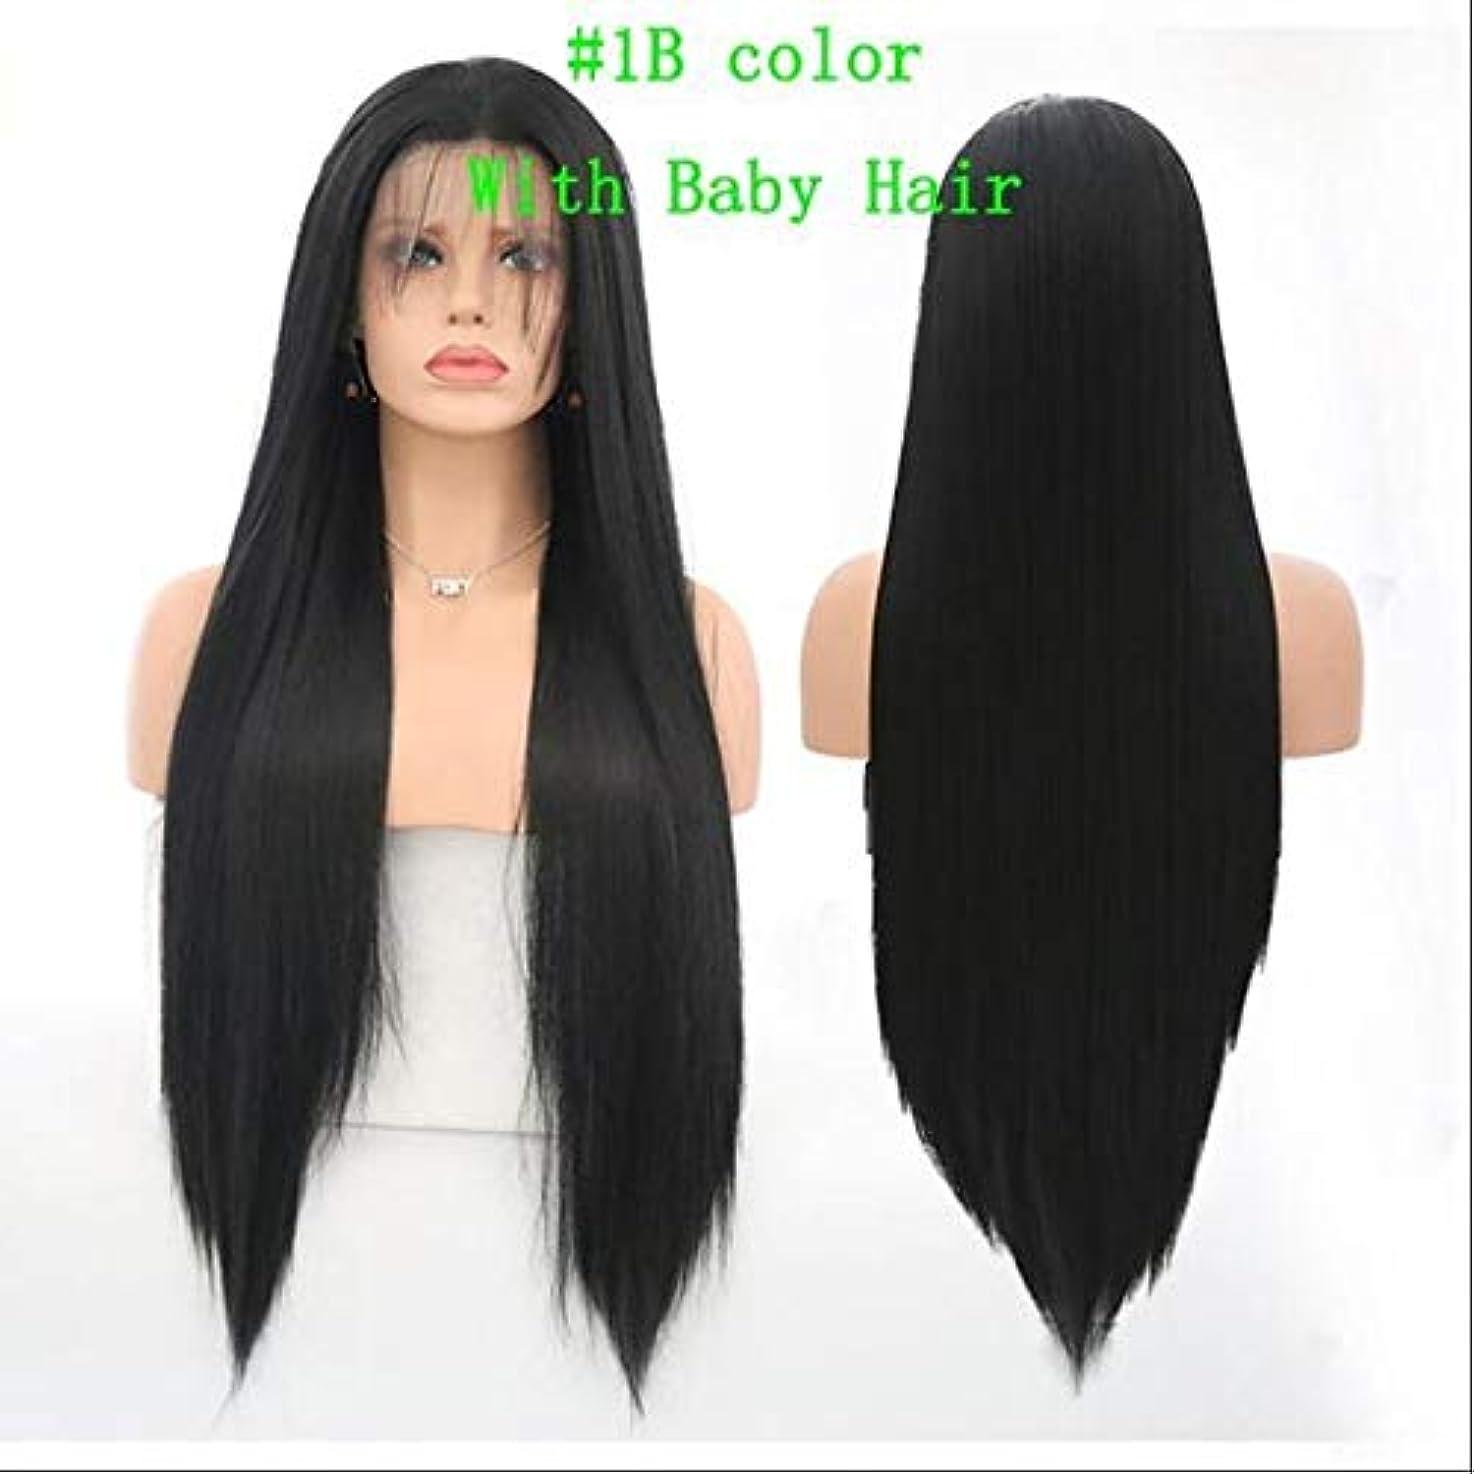 ウール招待なるBeTTi カリスマ性耐熱毛髪絹のような合成レースフロントかつらセクシーな女性フルかつらナチュラルカラー耐熱安いパーティーのためのかつら日常的なドレス高密度 (Color : 1B with Baby Hair, Stretched...